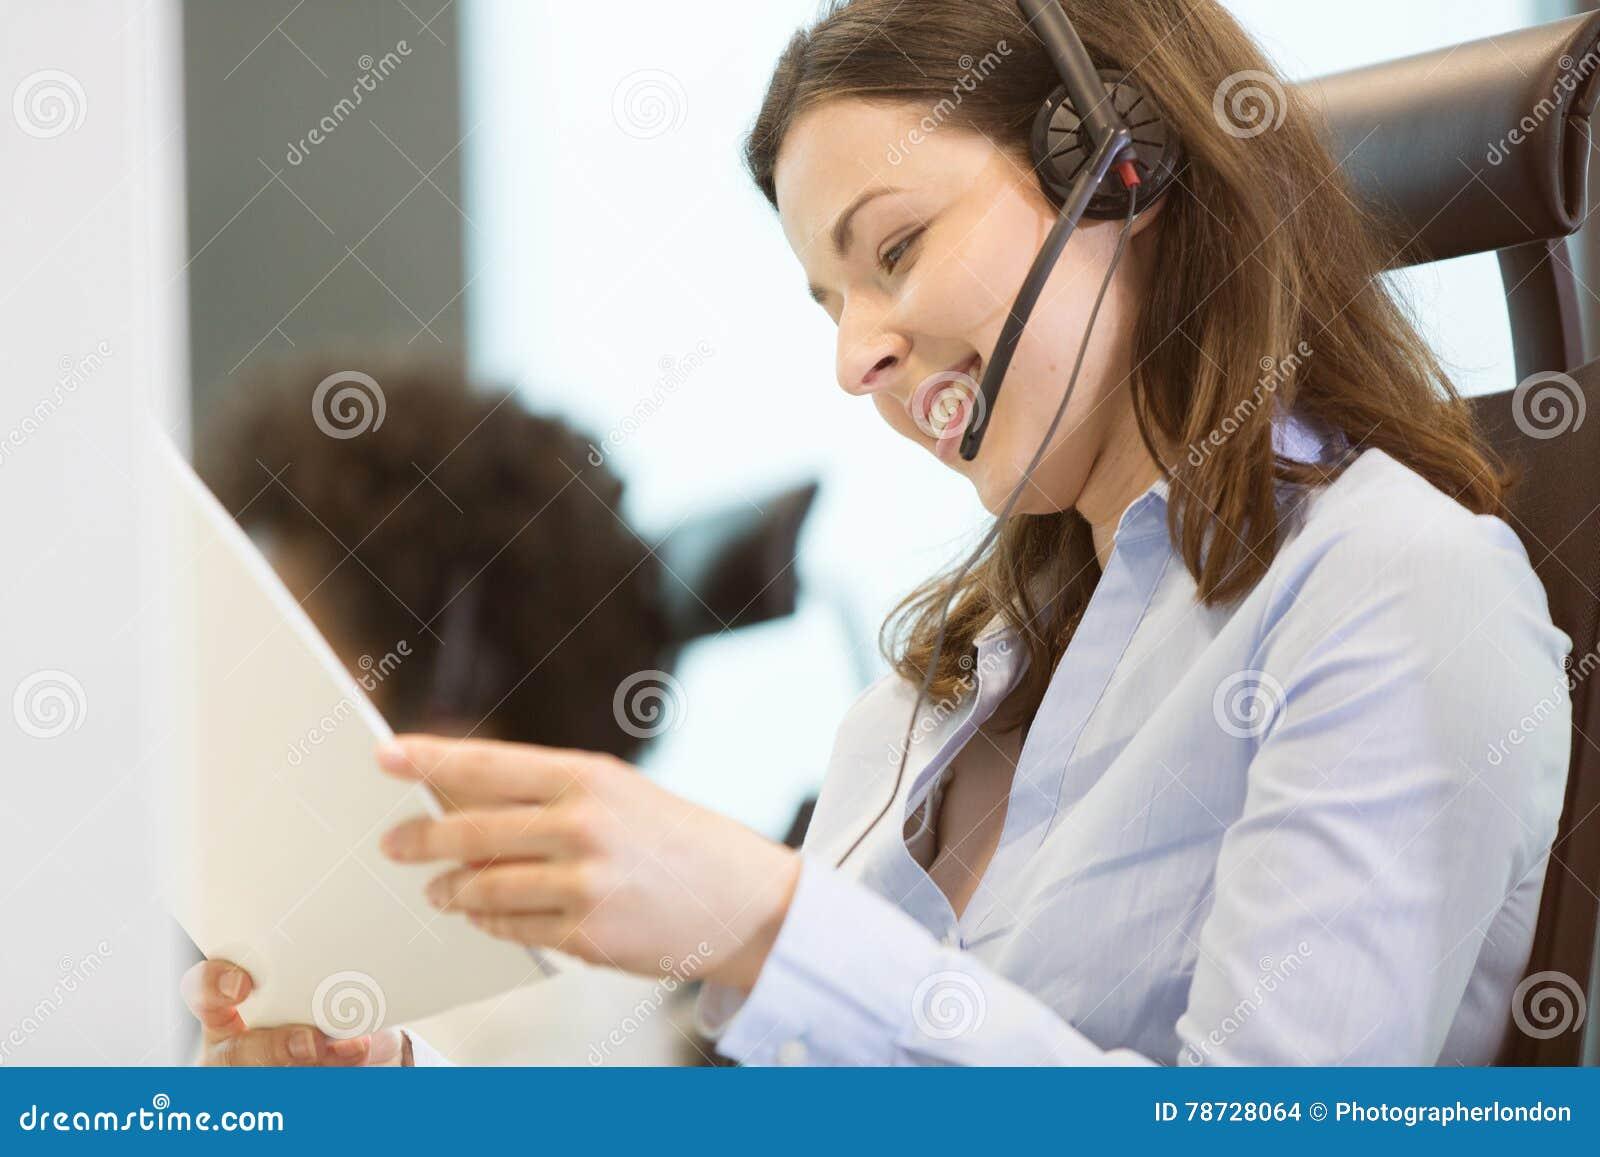 Dokumenterar den bärande telefonhörlurar med mikrofon för den unga affärskvinnan, medan läs-, i regeringsställning